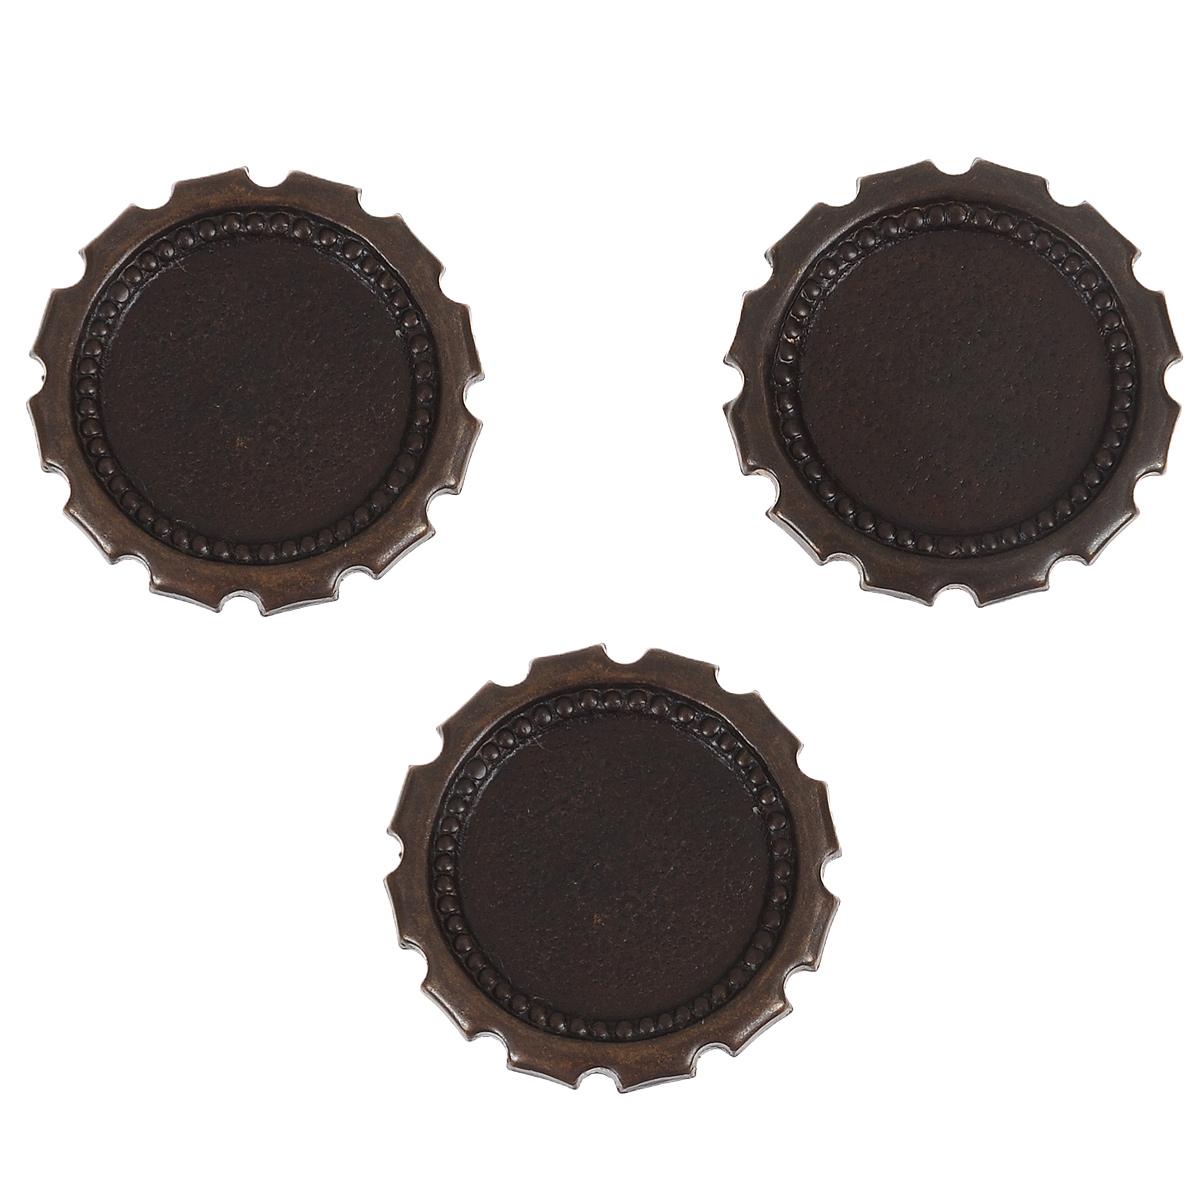 Декоративный элемент Vintaj Пробка, диаметр 22 мм, 3 штHW0030RRНабор декоративных элементов Vintaj Пробка изготовлен из металла и предназначен для декорирования в различных техниках. С его помощью вы сможете украсить альбом, одежду, подарок и другие предметы ручной работы. Декоративные элементы выполнены в виде плоских пробок с резными краями и имеют оригинальный дизайн. Они помогут красиво оформить вашу работу и добавят вдохновения для новых идей. Диаметр элемента: 22 мм.